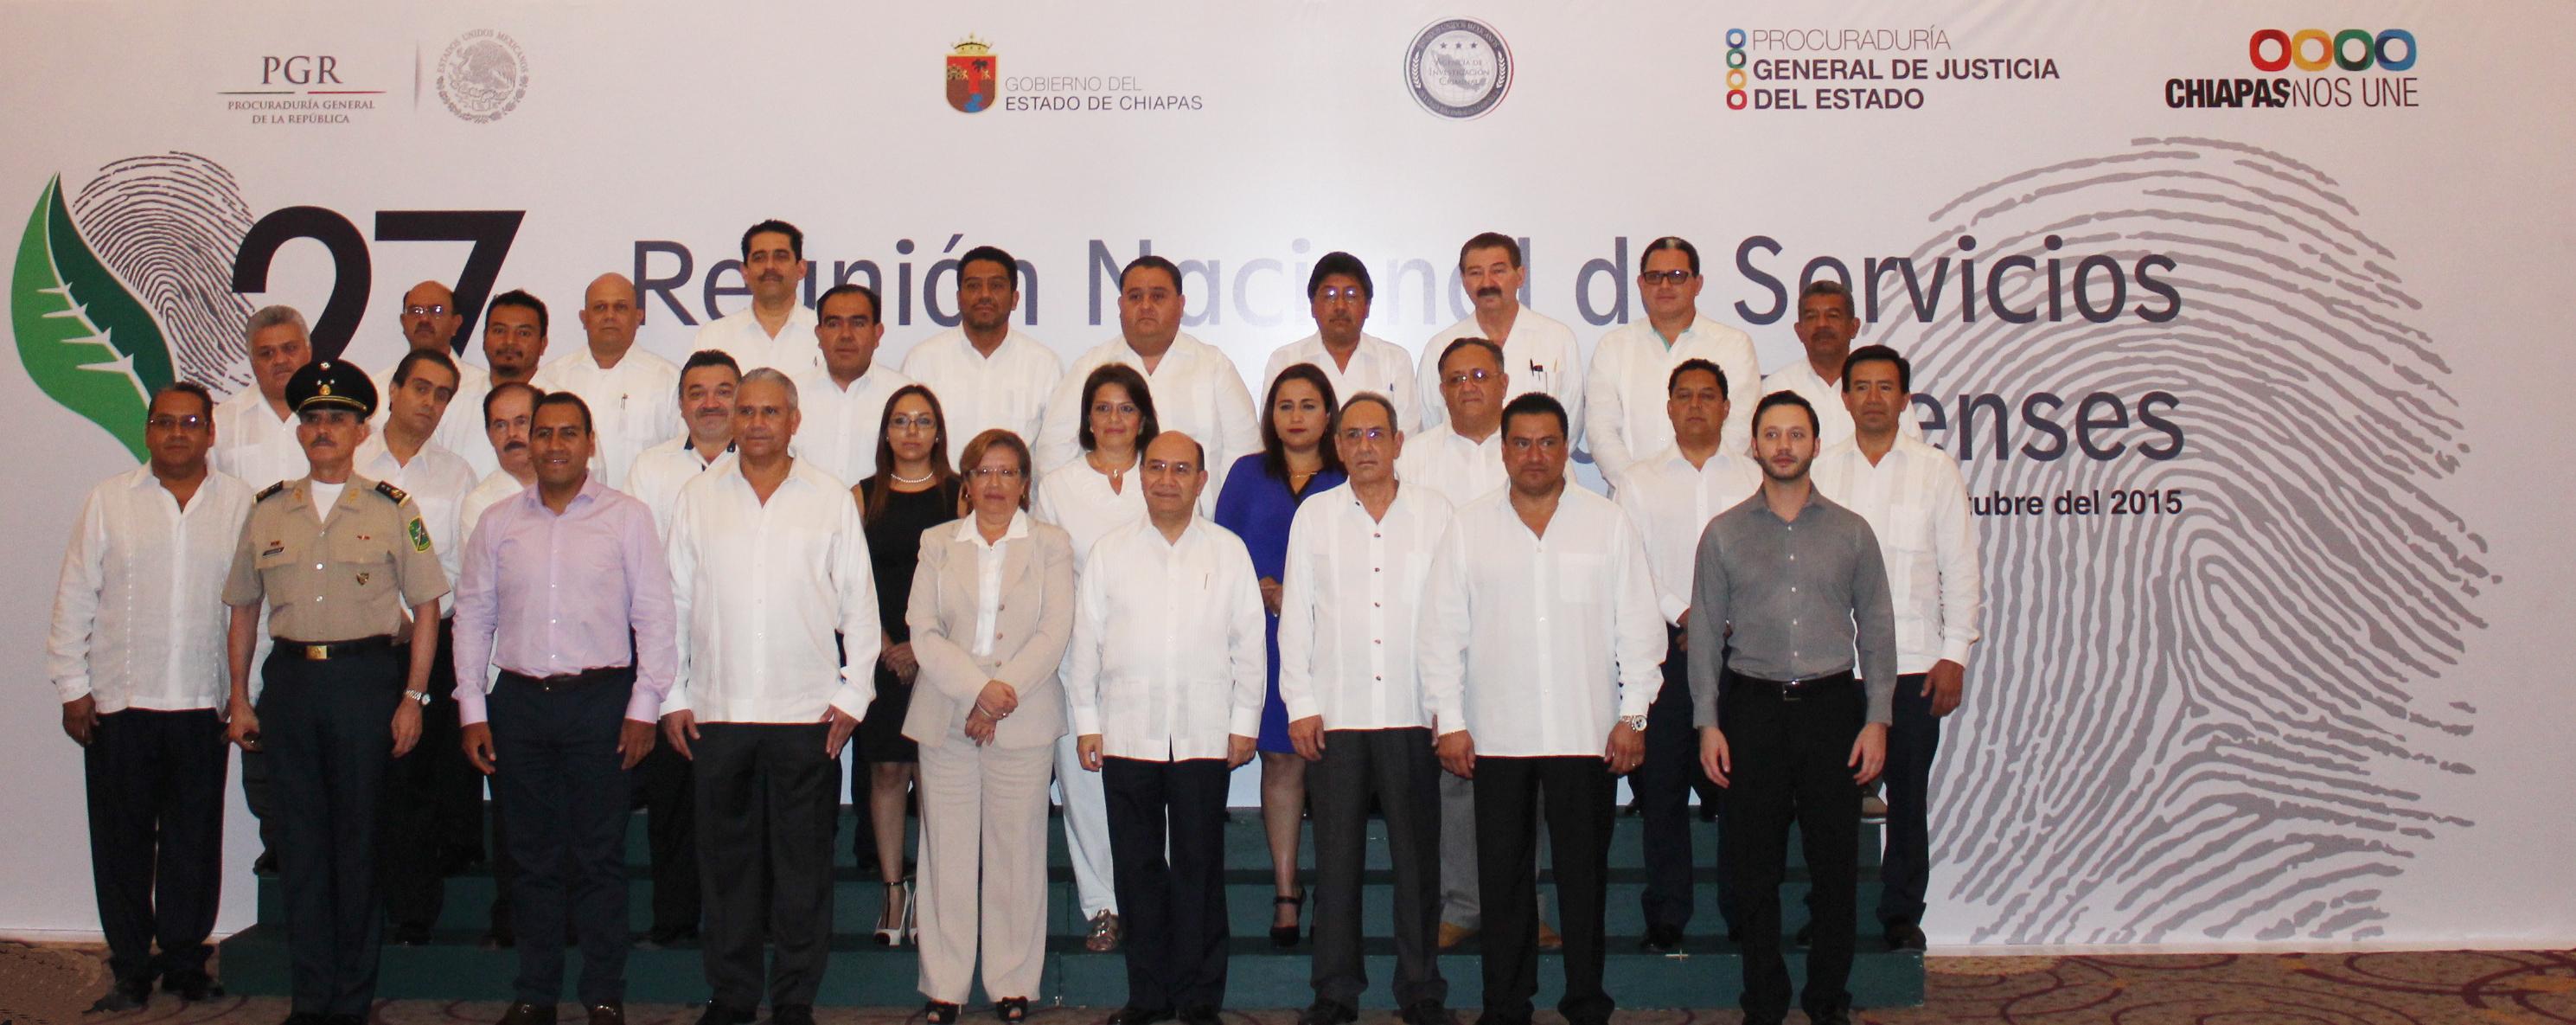 27ª Reunión Nacional de Servicios Periciales y Ciencias Forenses